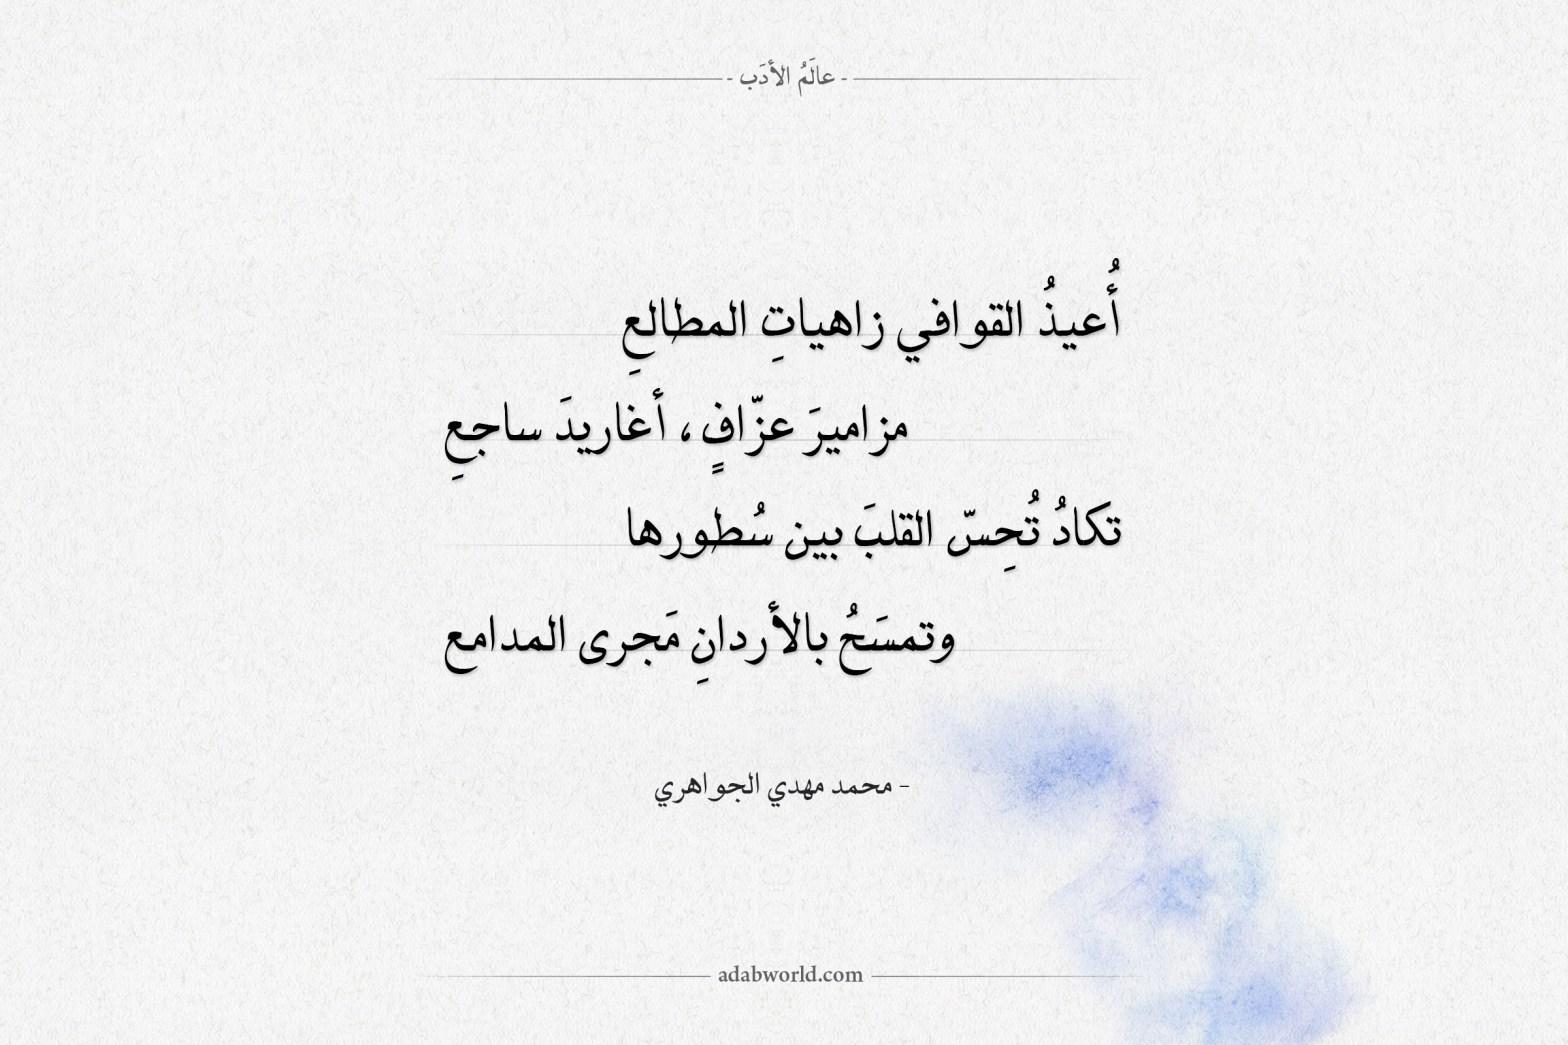 شعر محمد مهدي الجواهري - أعيذ القوافي زاهيات المطالع